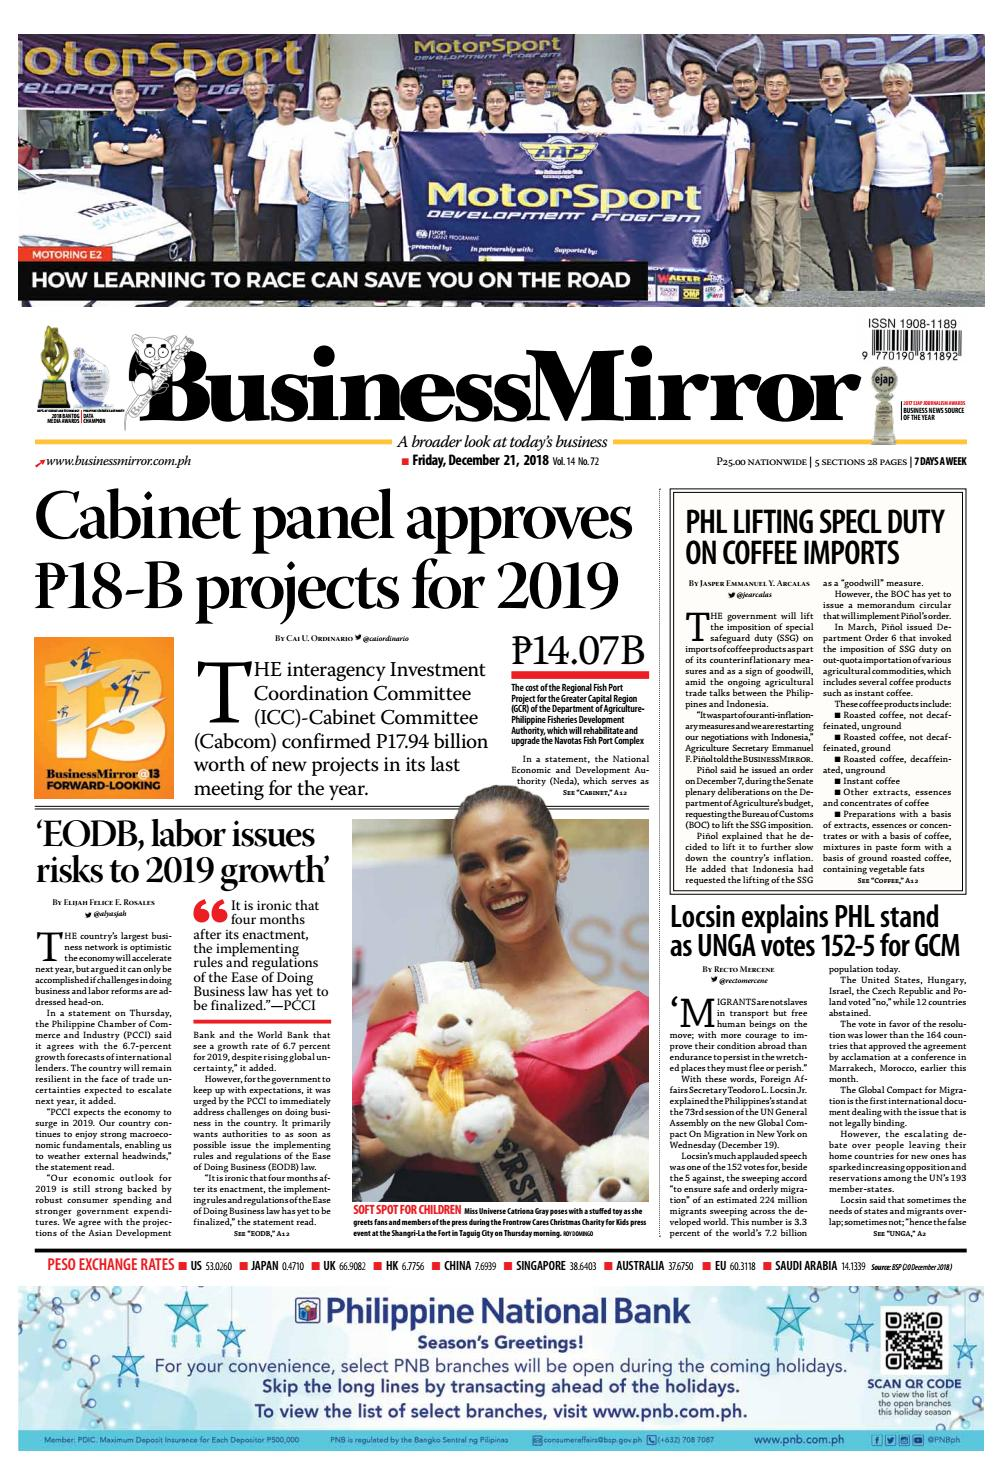 Businessmirror December 21, 2018 by BusinessMirror - issuu